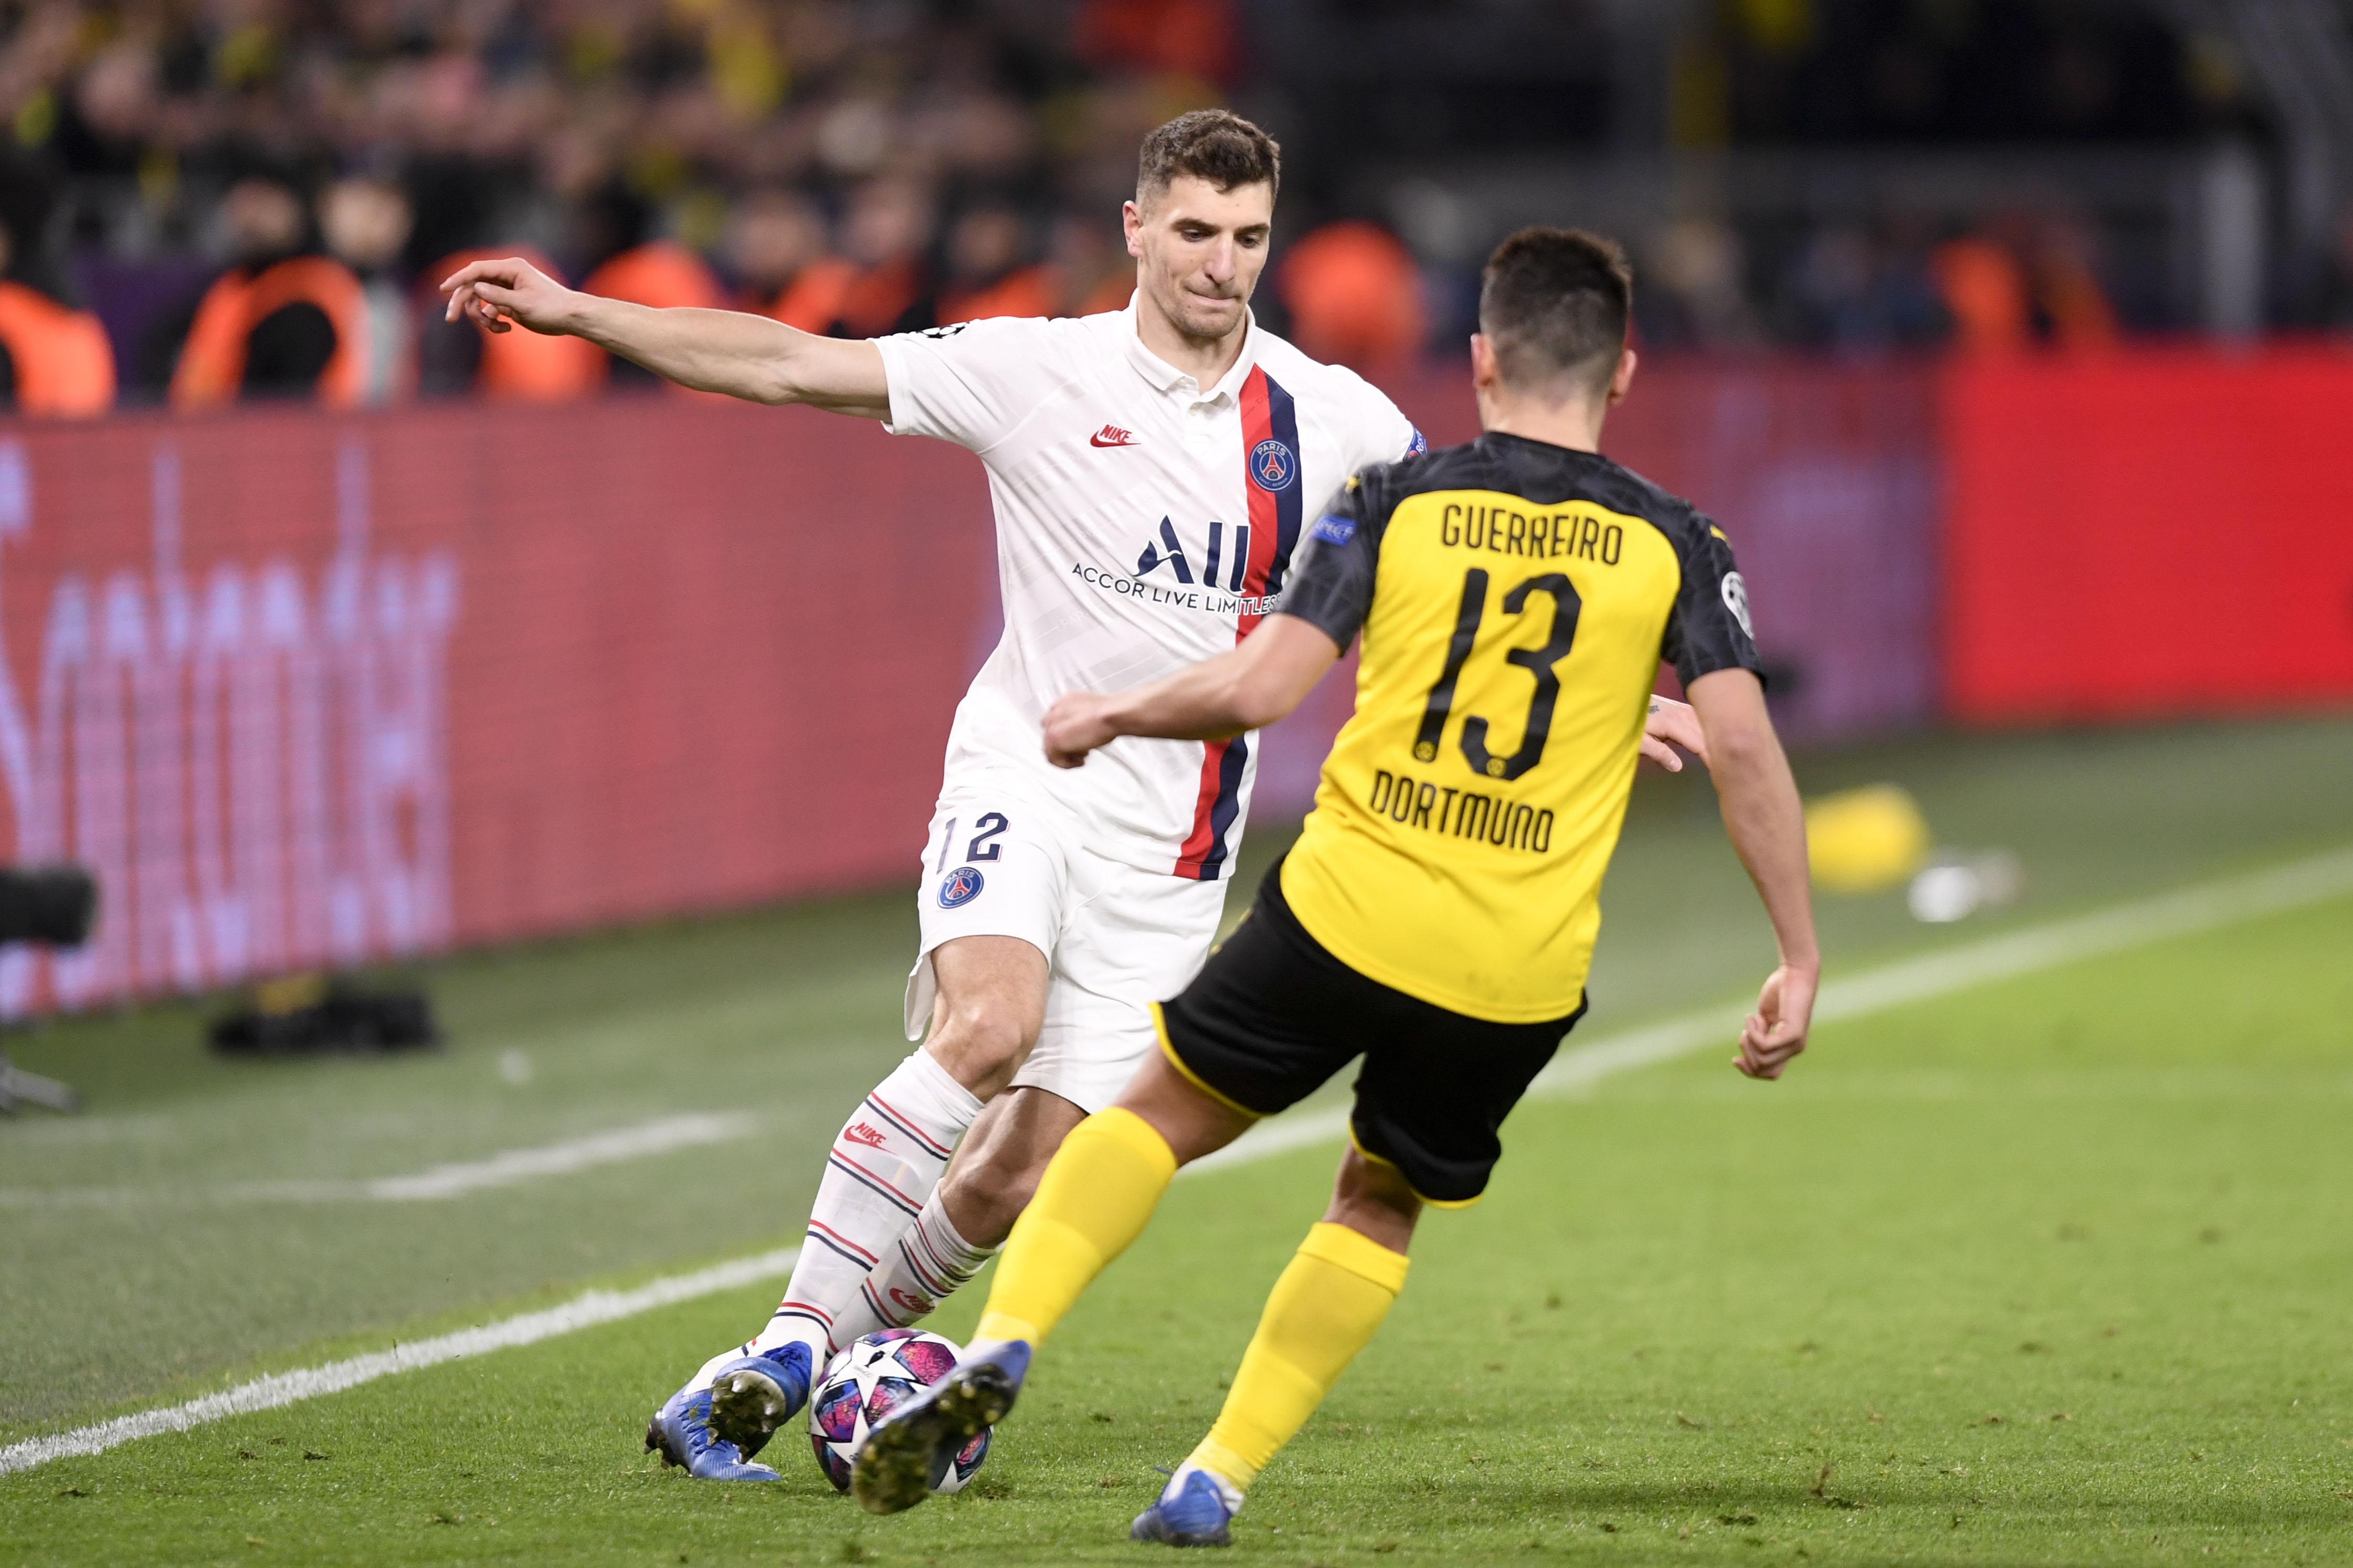 Football - Ligue des champions - Meunier autorisé à (re)jouer avec le PSG: le beau geste de Dortmund